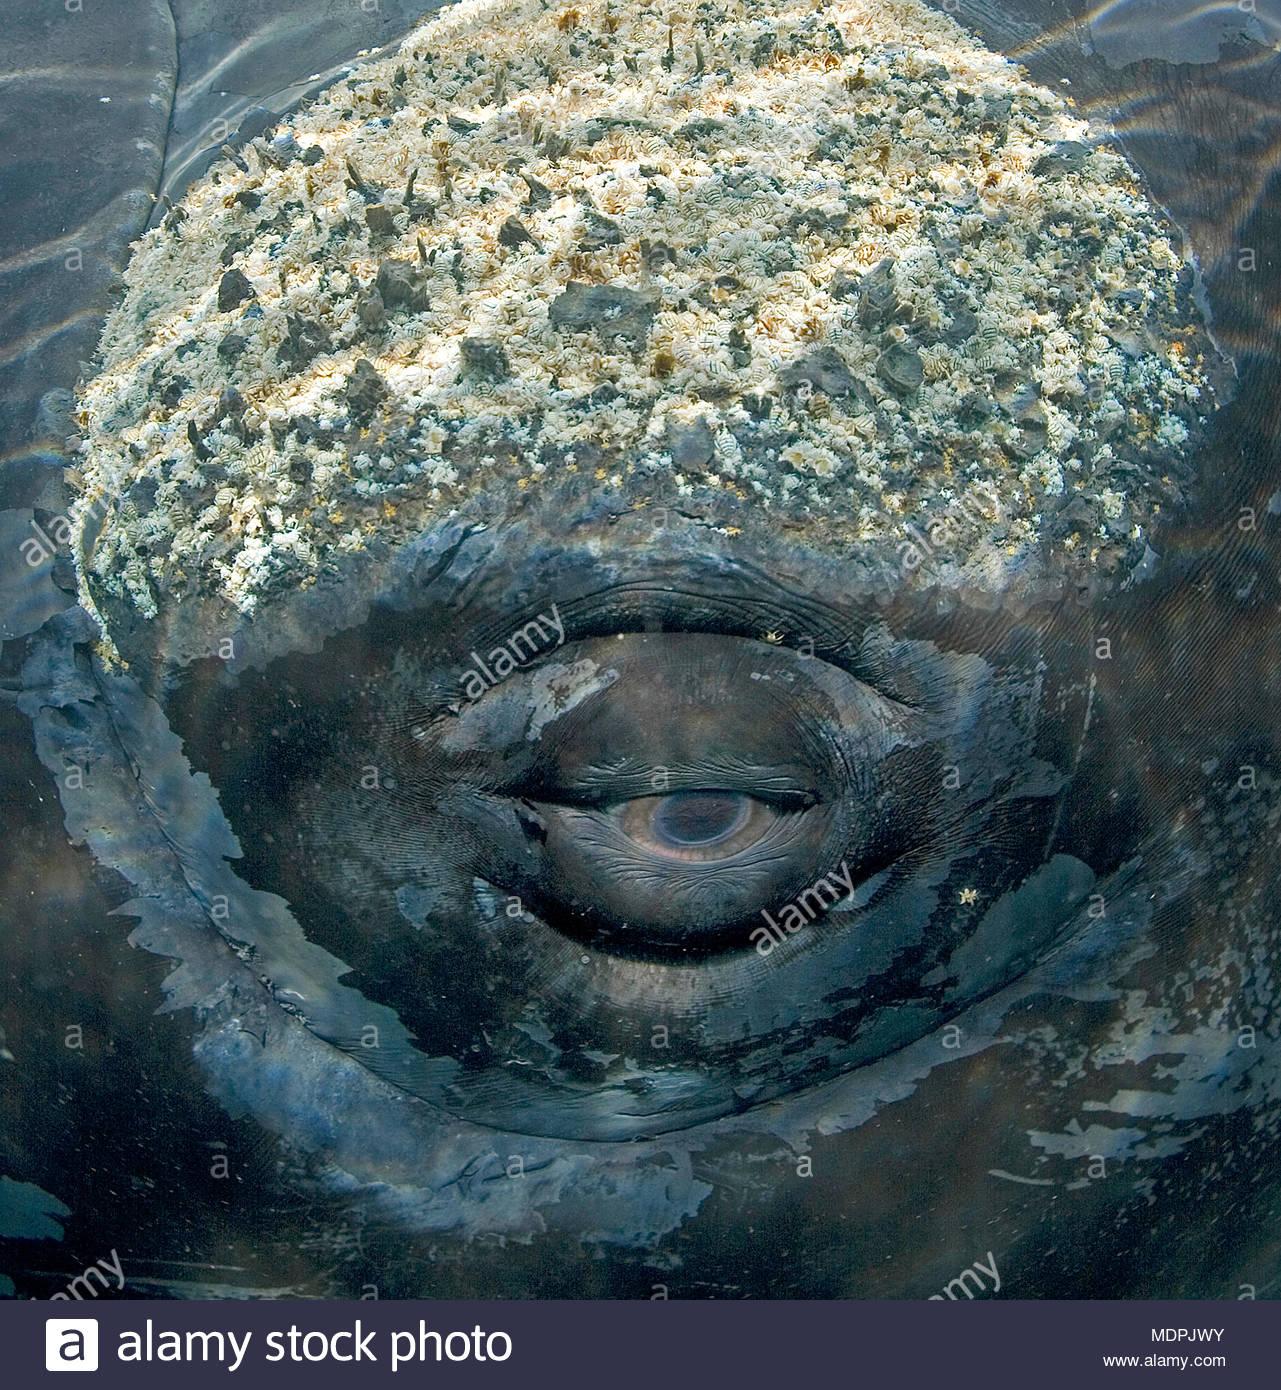 Ojo de ballena franca austral (Eubalaena australis), callosidades con percebes (Balanidae) y cortes (cyamids ballena) en cabeza, Península Valdés, Patag Imagen De Stock